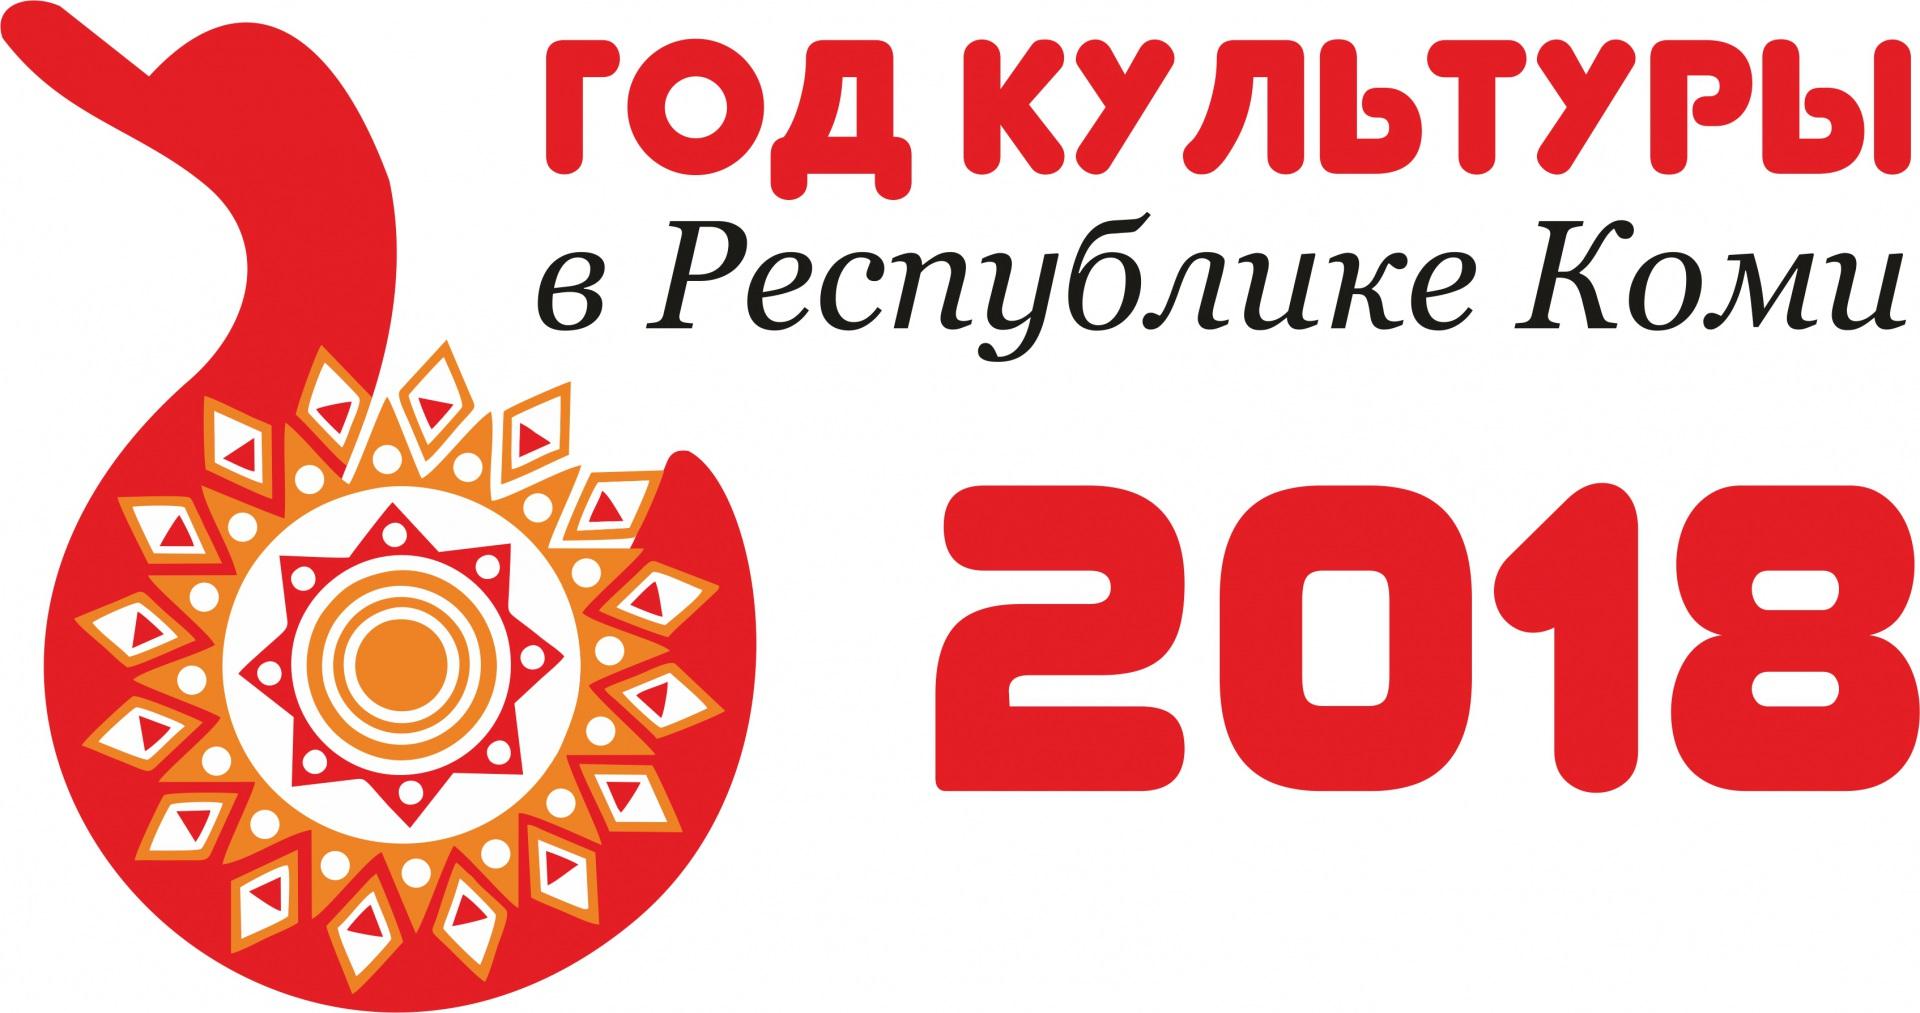 logotip-variant-1.jpg